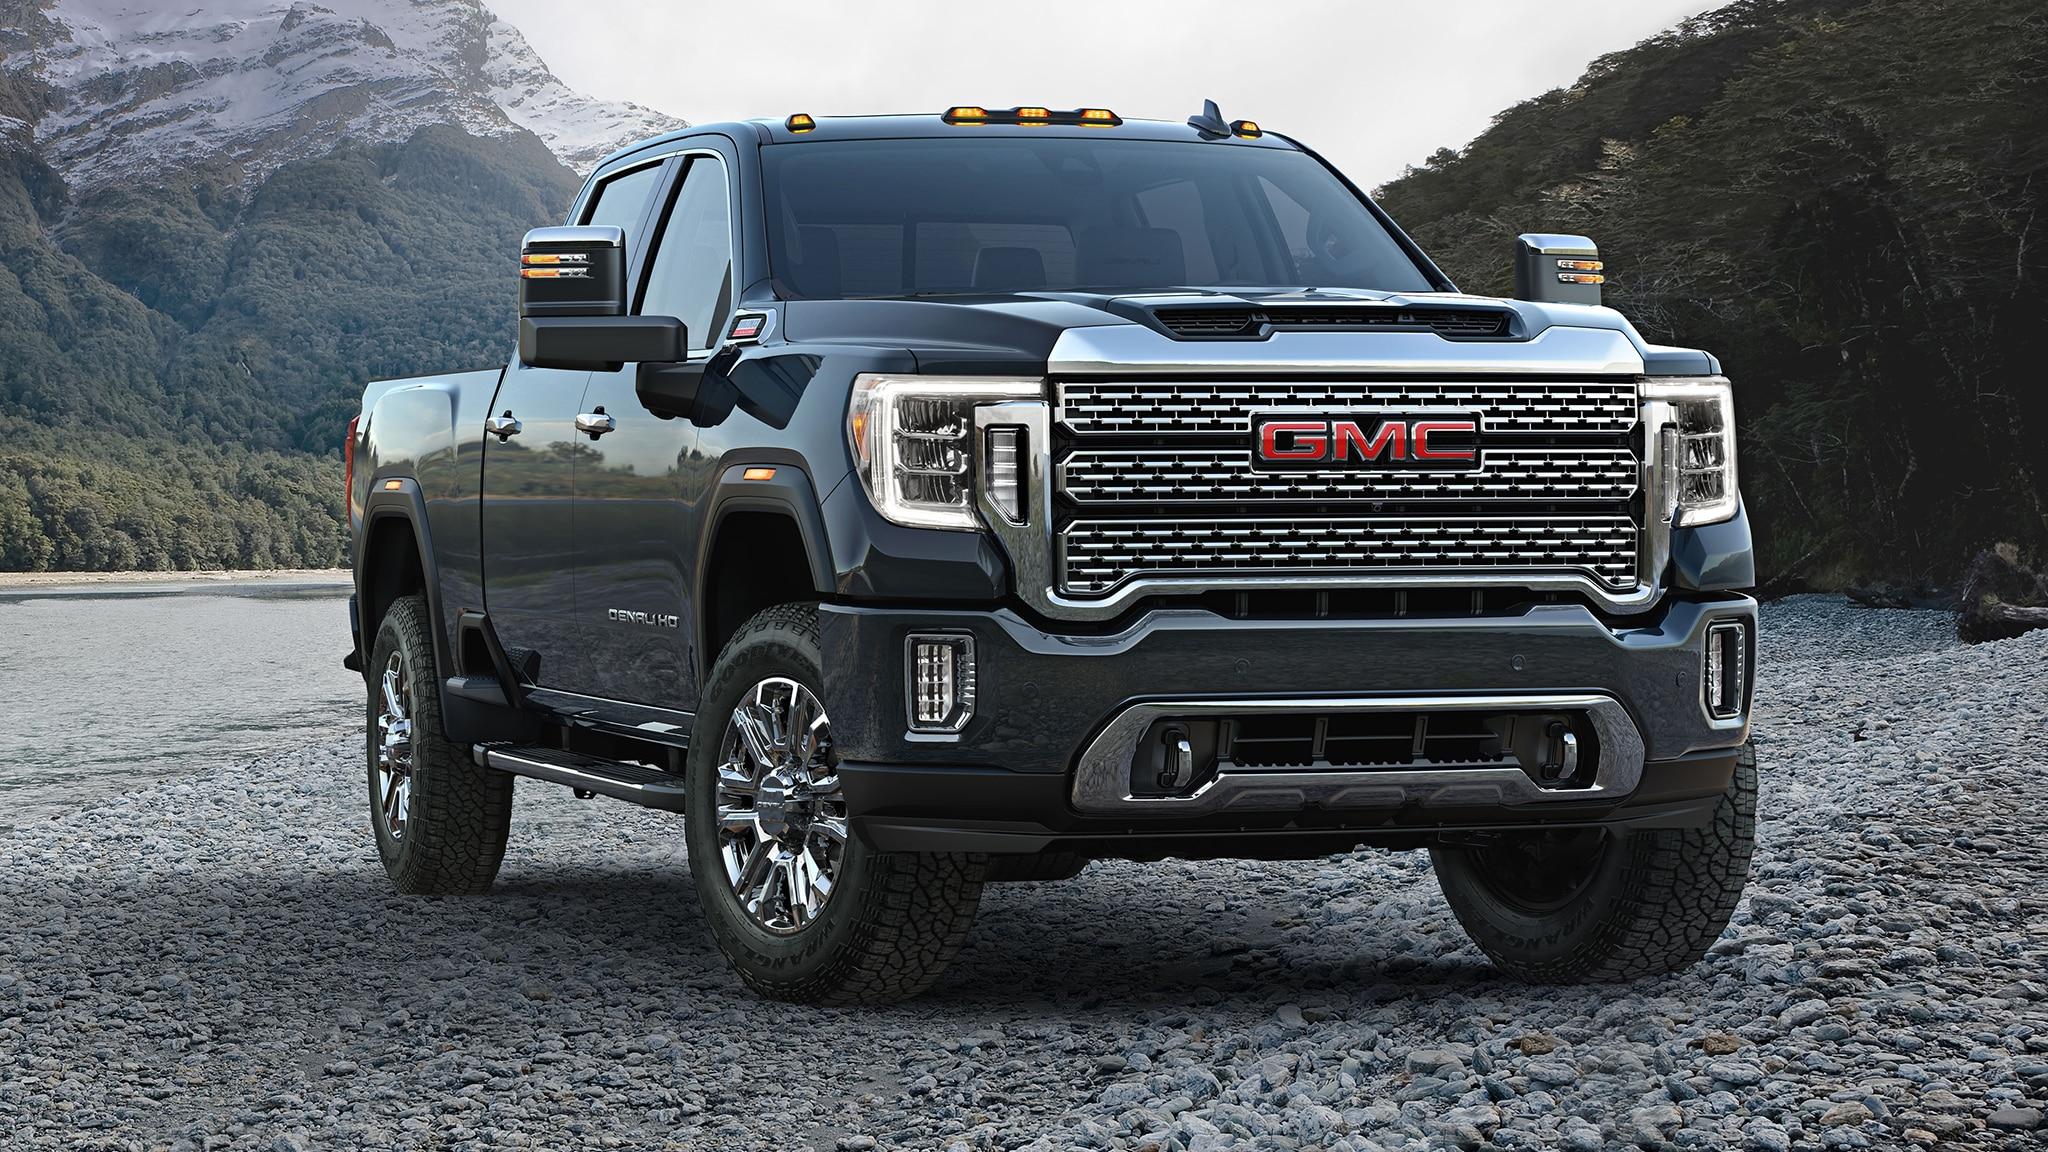 2020 gmc sierra hd debuts  huge grille  huge capability